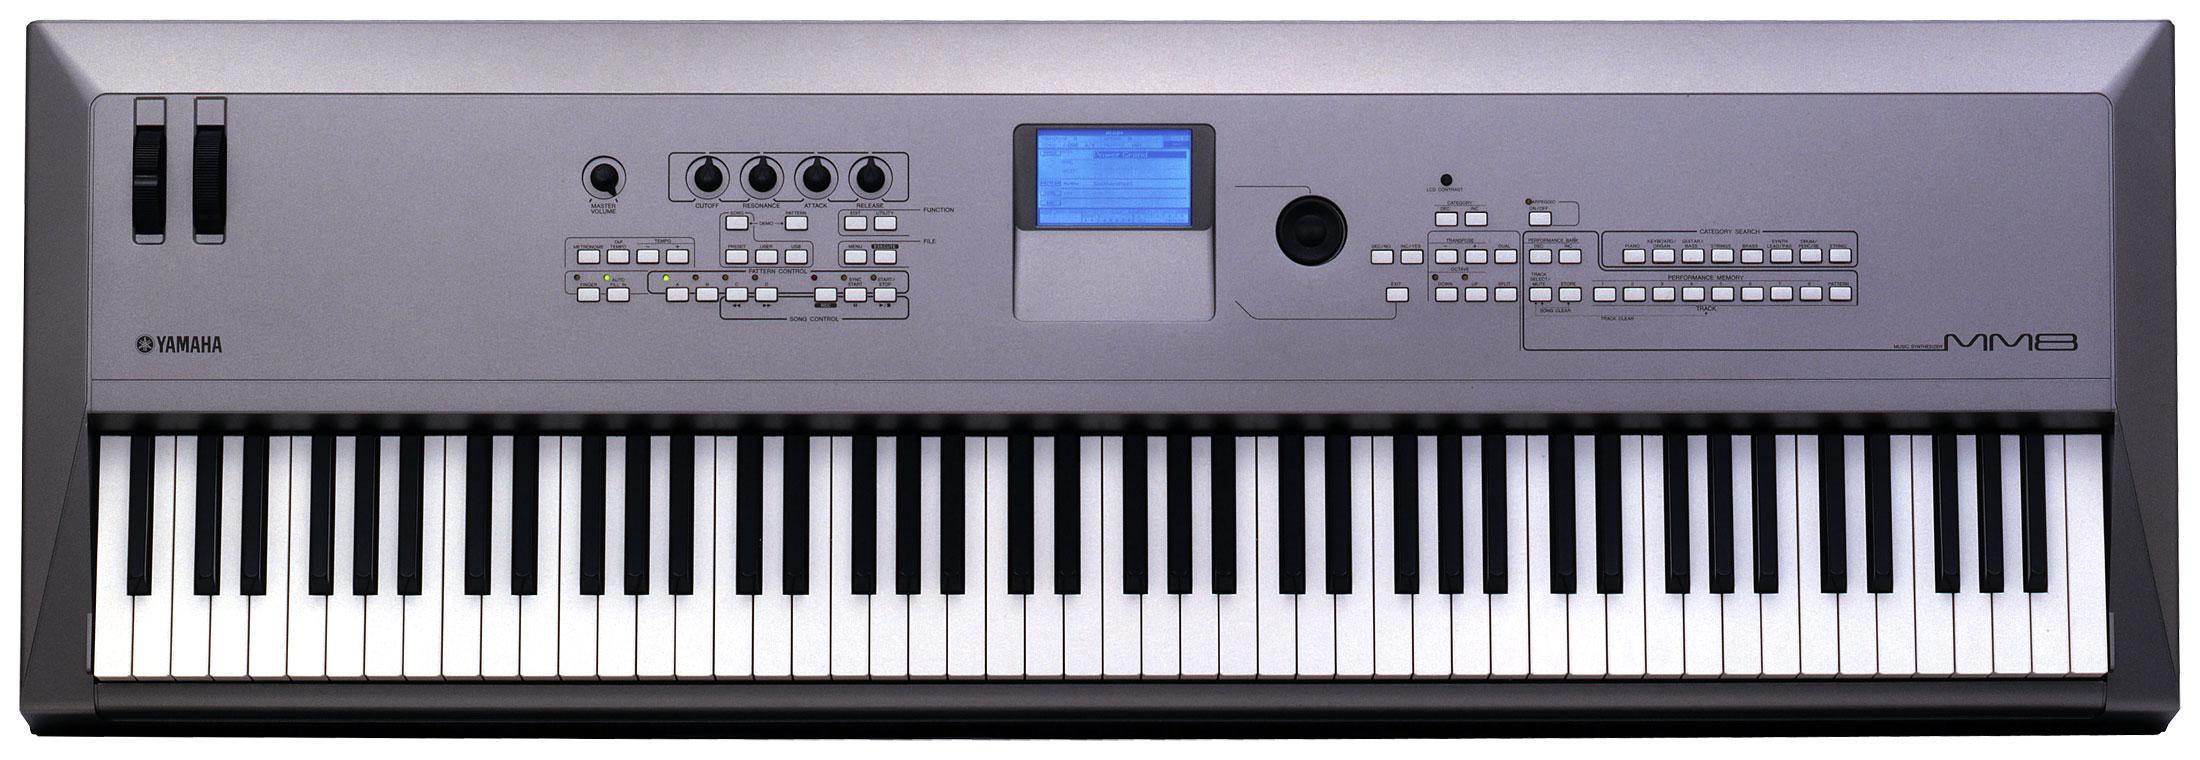 Pro keyboards professional keyboards and pianos yamaha for Yamaha keyboard synthesizer